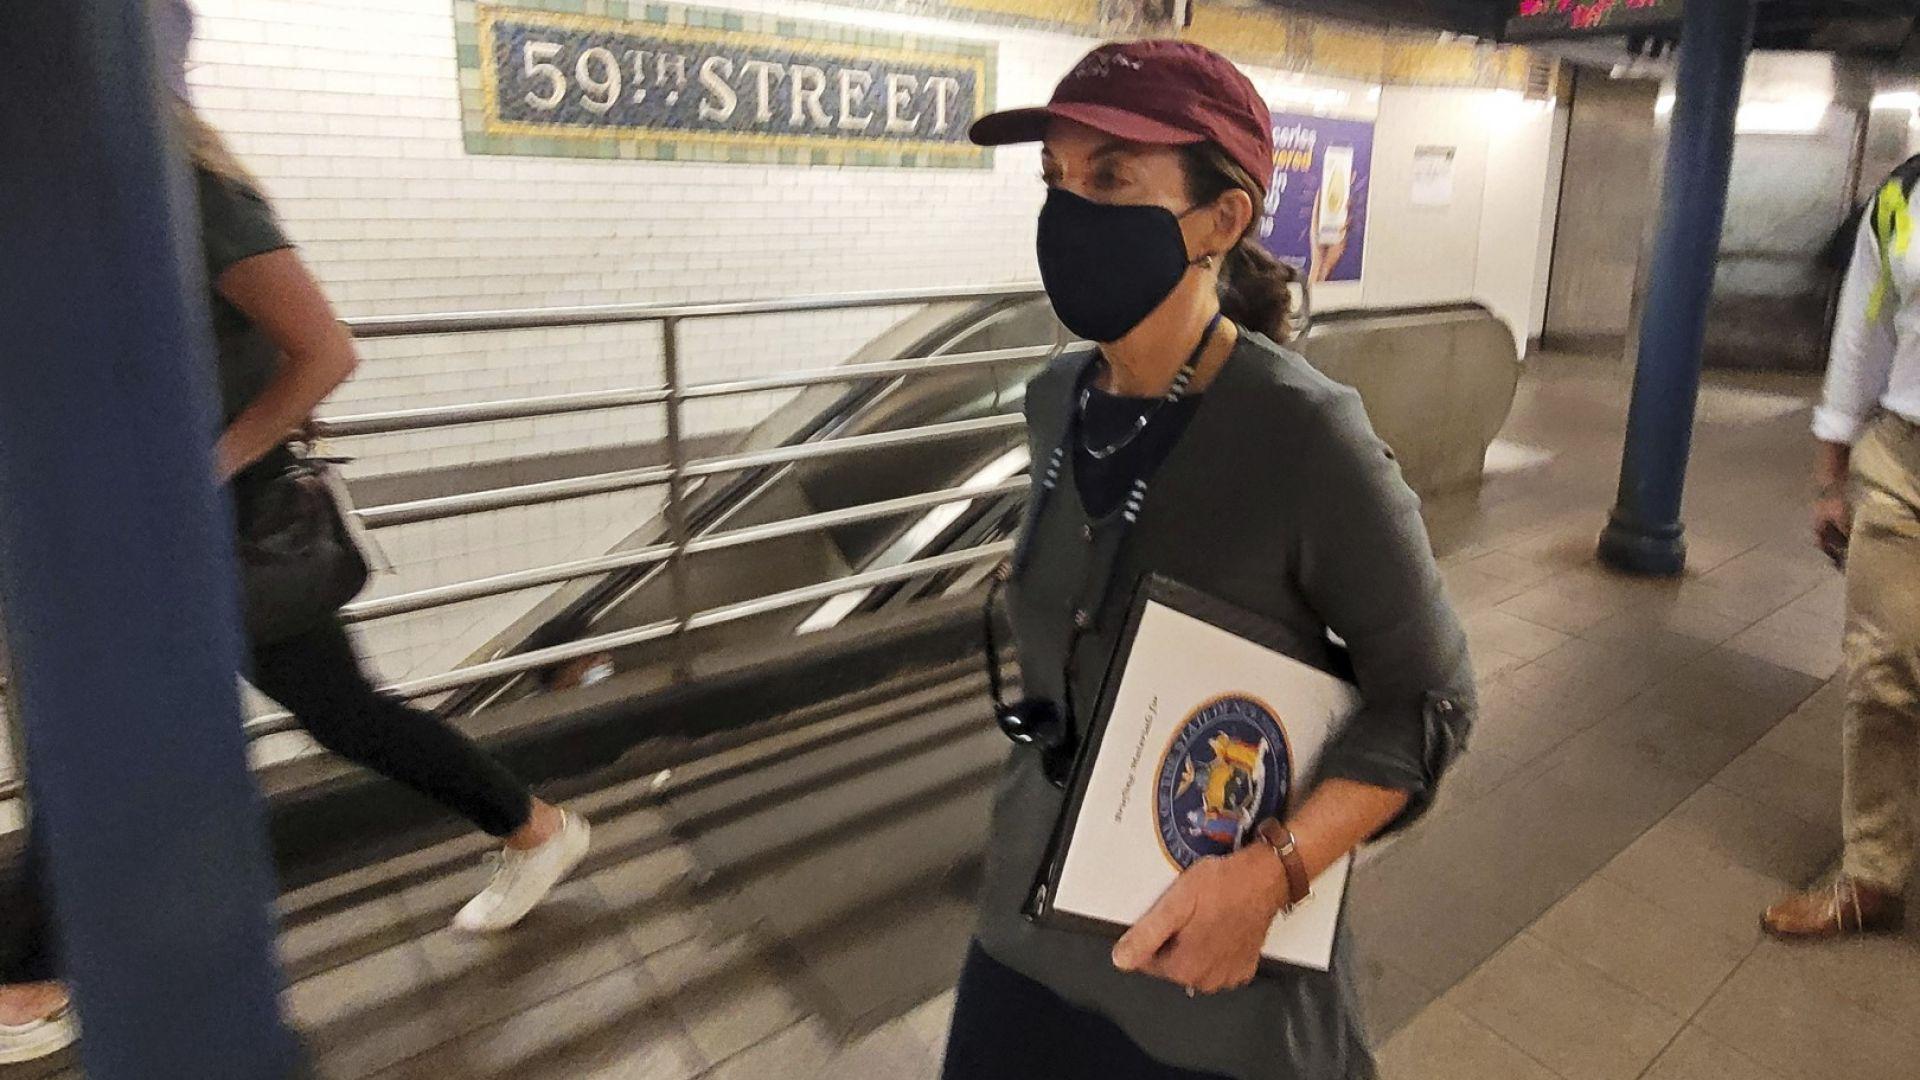 Тази снимка, предоставена от Службата на губернатора, показва Кейти Хокул, докато минава през станция на метрото, в Ню Йорк, сряда, 4 август 2021 г.